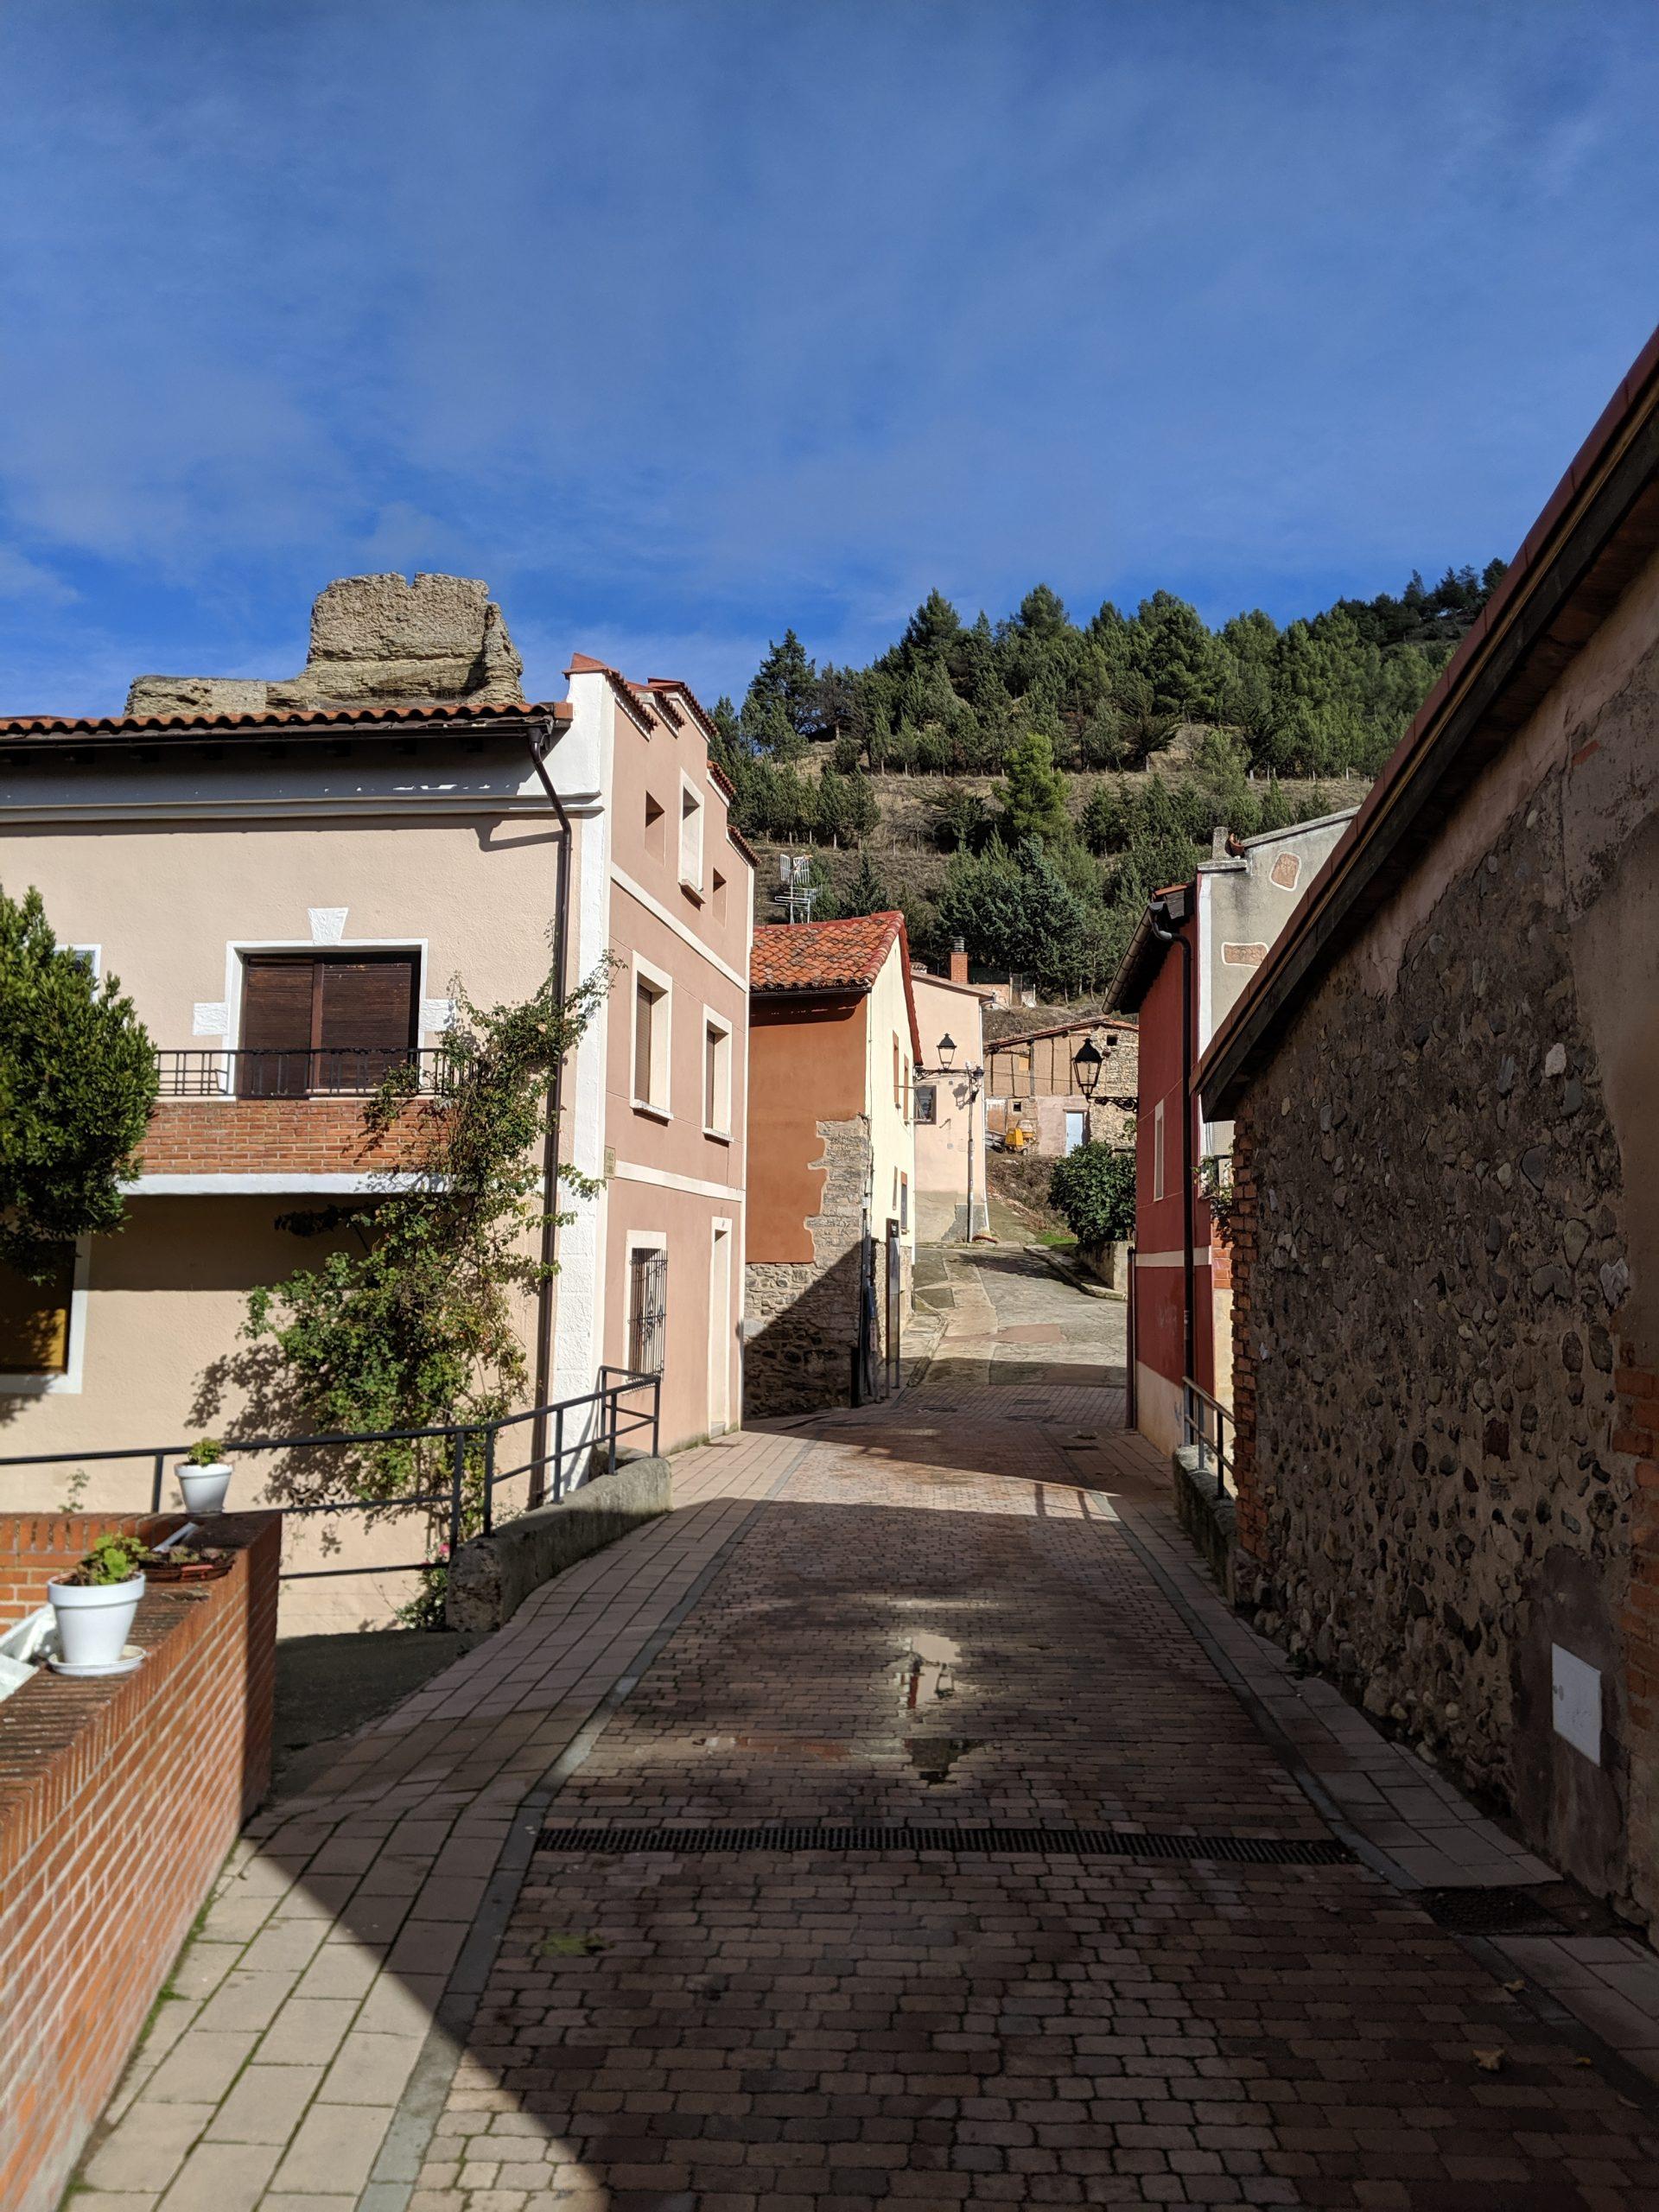 Camino IIIMG_20191109_135007